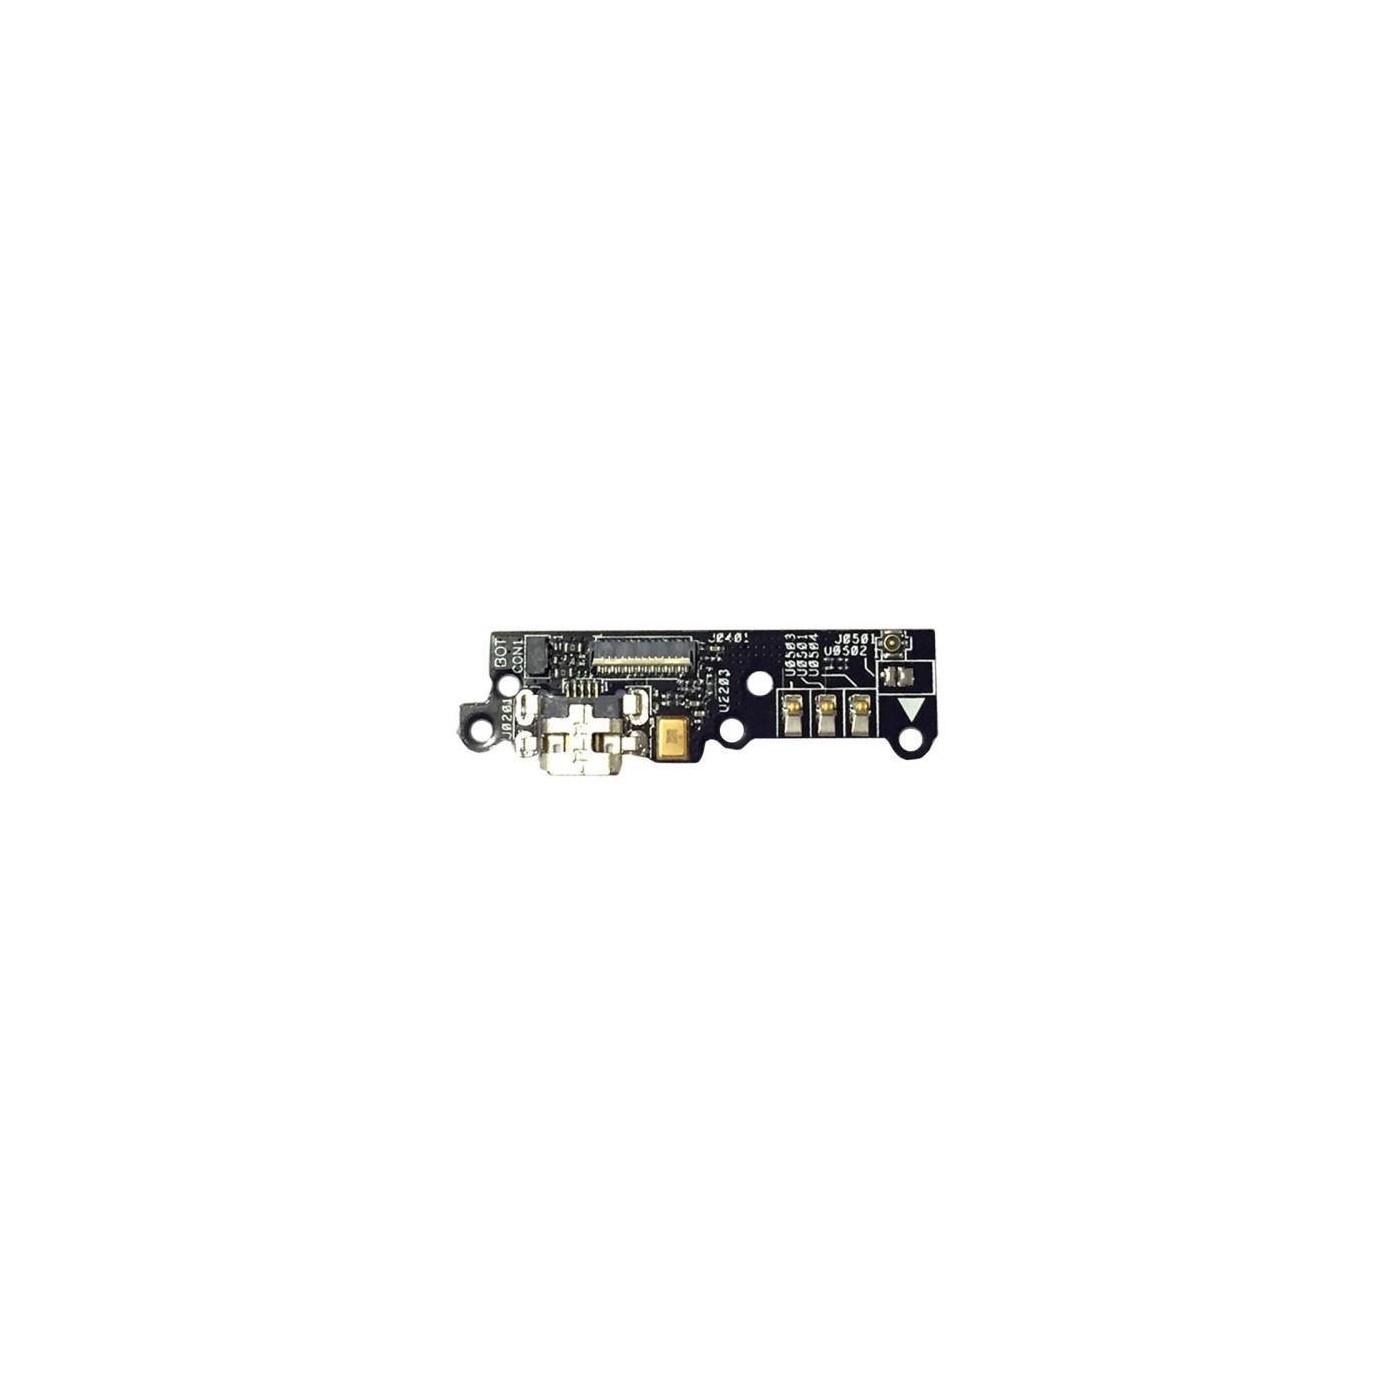 Connecteur de charge plat flexible pour le remplacement des données de recharge de la station d'accueil Asus Zenfone 6